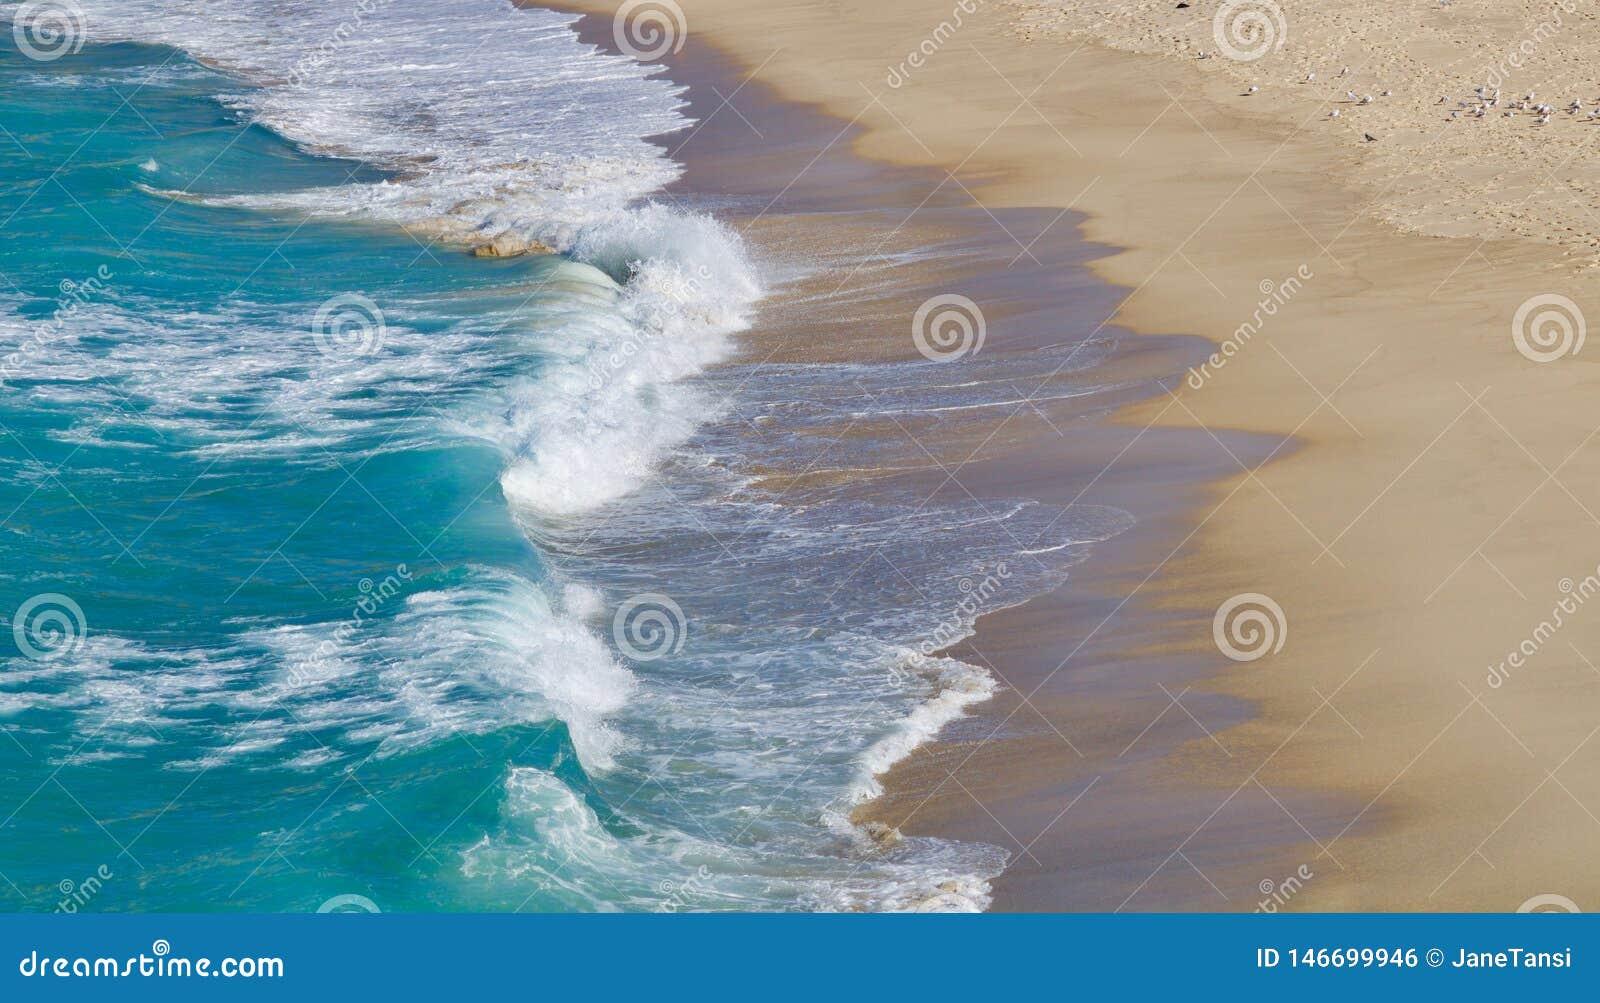 Ondas que traslapan sobre una playa arenosa - imagen